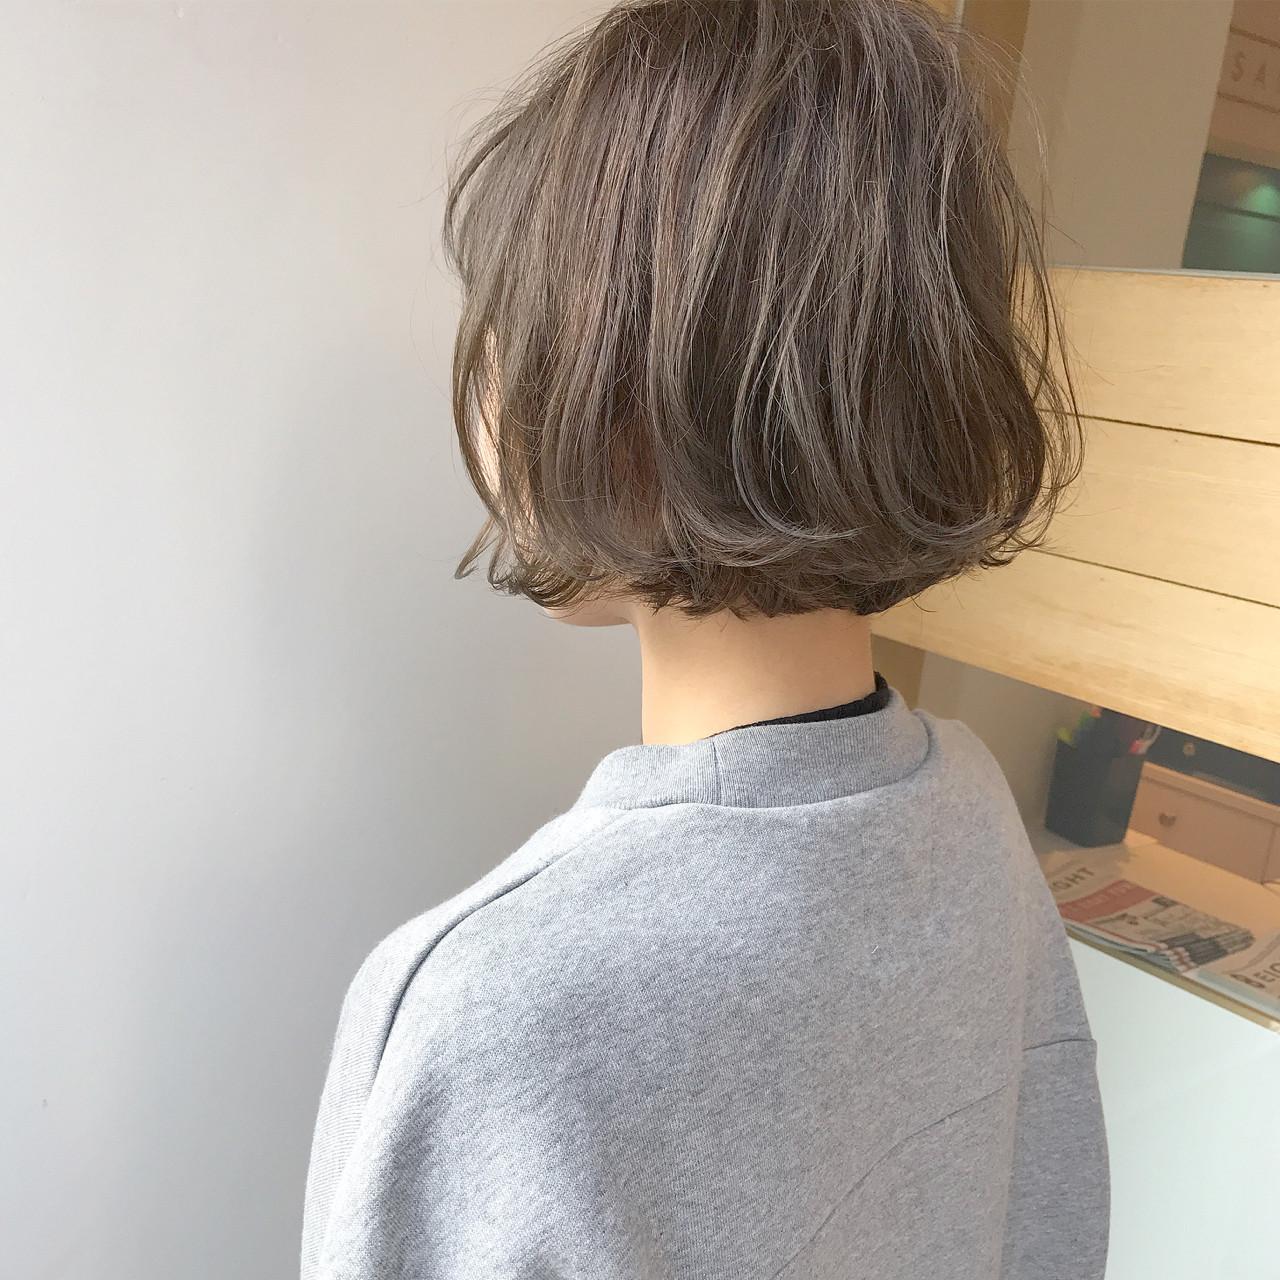 愛され ナチュラル 大人女子 ウェーブ ヘアスタイルや髪型の写真・画像